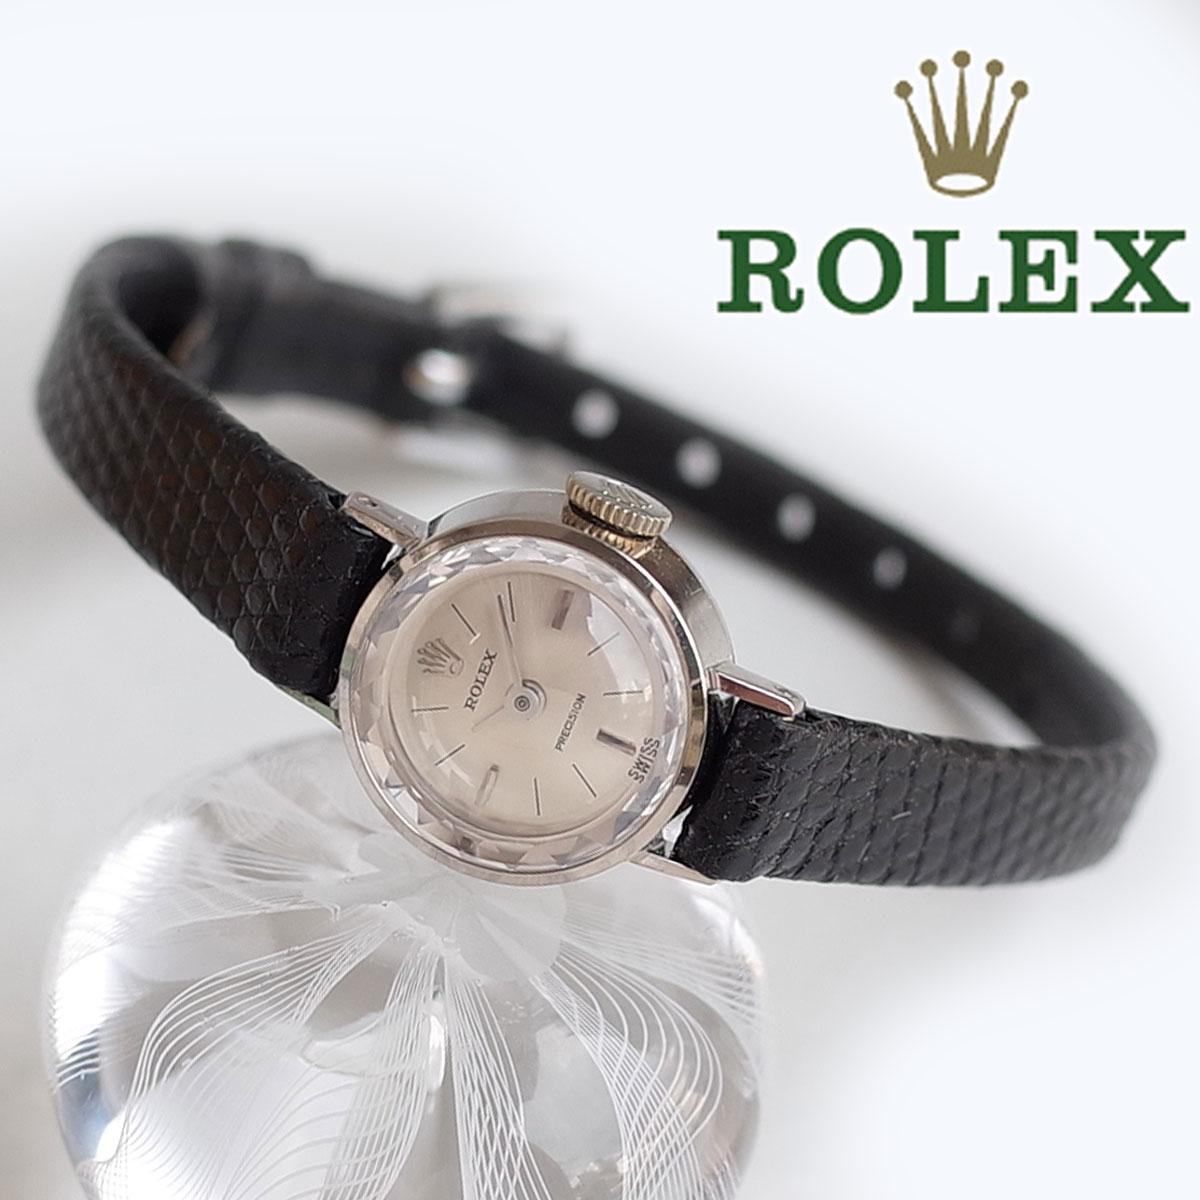 メンテ済 素敵 ロレックス ROLEX 2632 プレシジョン レディースミニミニ K18WG 金無垢 カットガラス 1962年製 最小 アンティーク 手巻 腕時計 ケース 箱付 OH済 1年保証iXZOTkuP